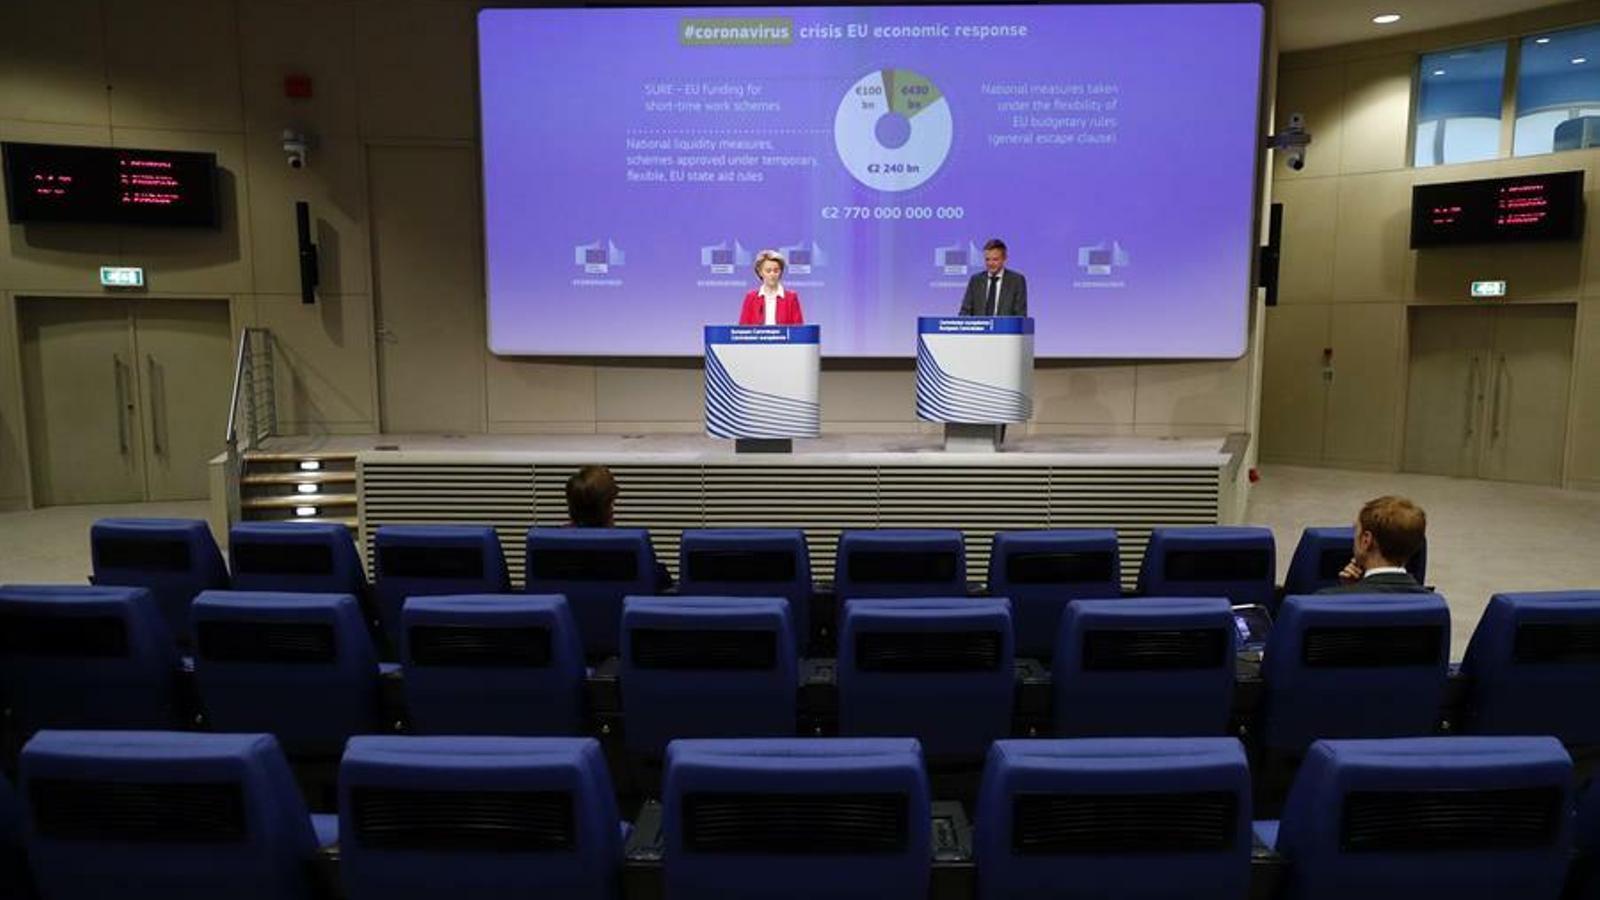 La presidenta de la Comissió Europea, Ursula von der Leyen, en una recent compareixença per parlar de la crisi del coronavirus